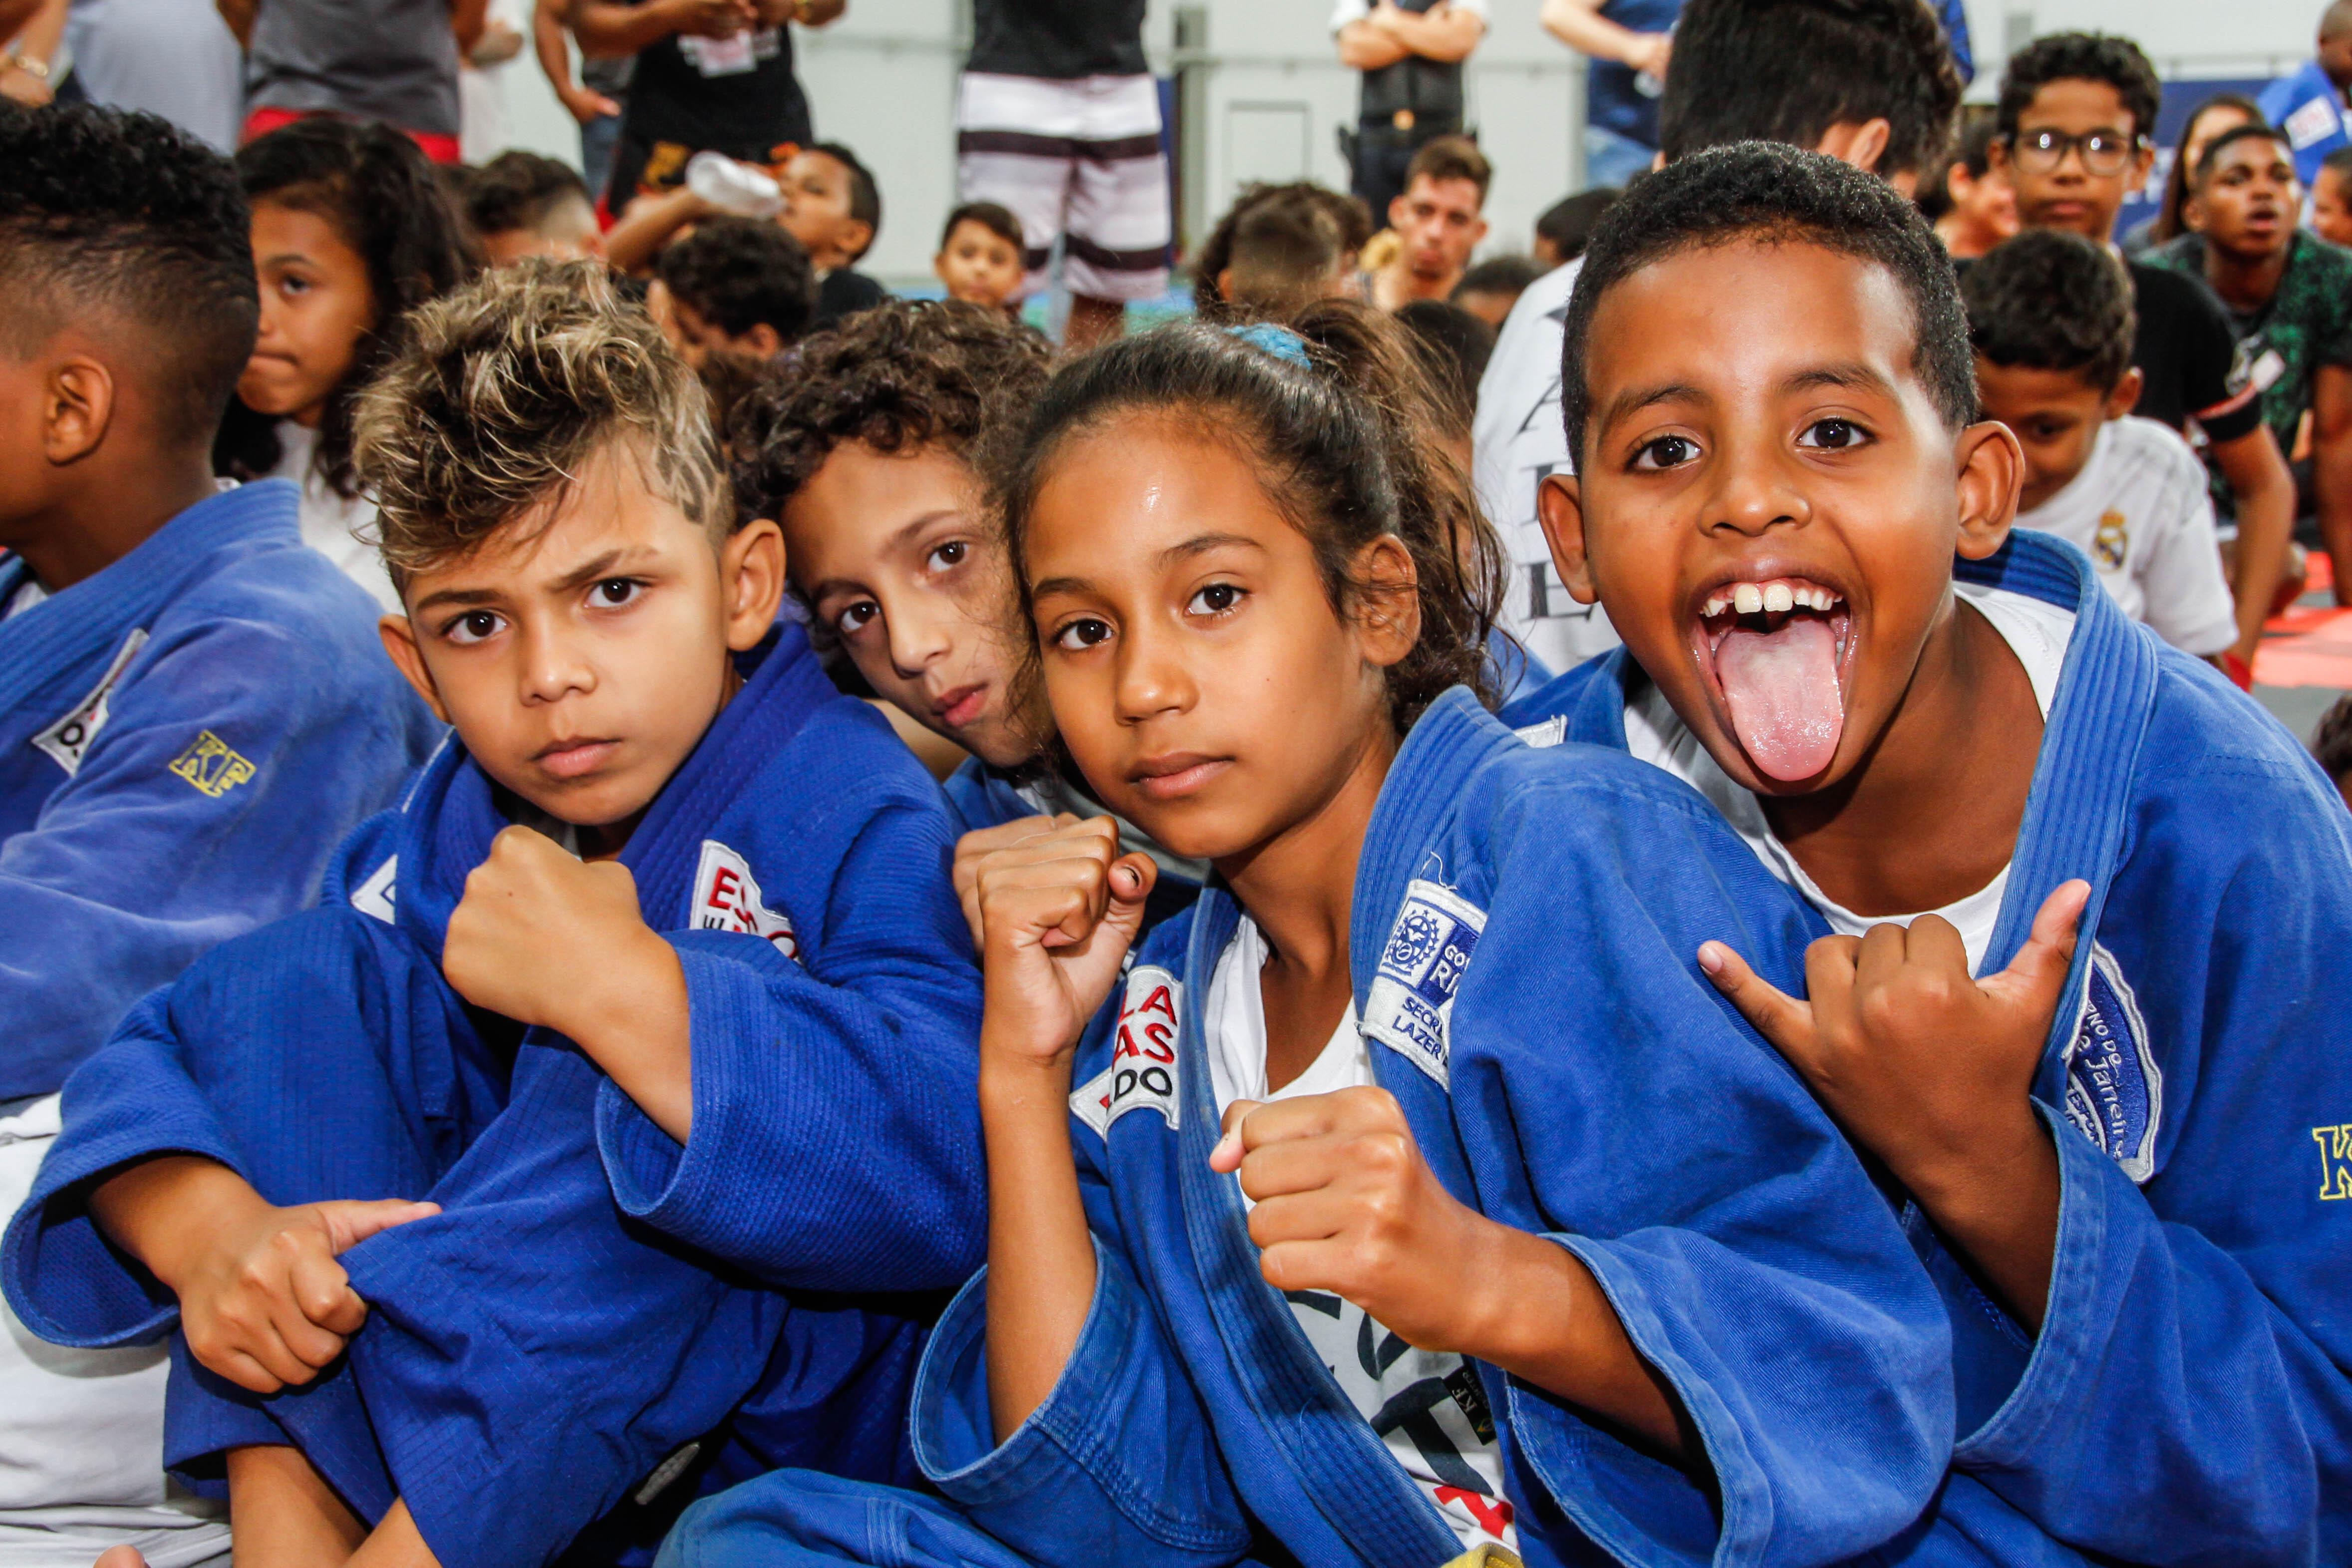 UFC realiza aulão beneficente para crianças de projetos sociais; VÍDEO